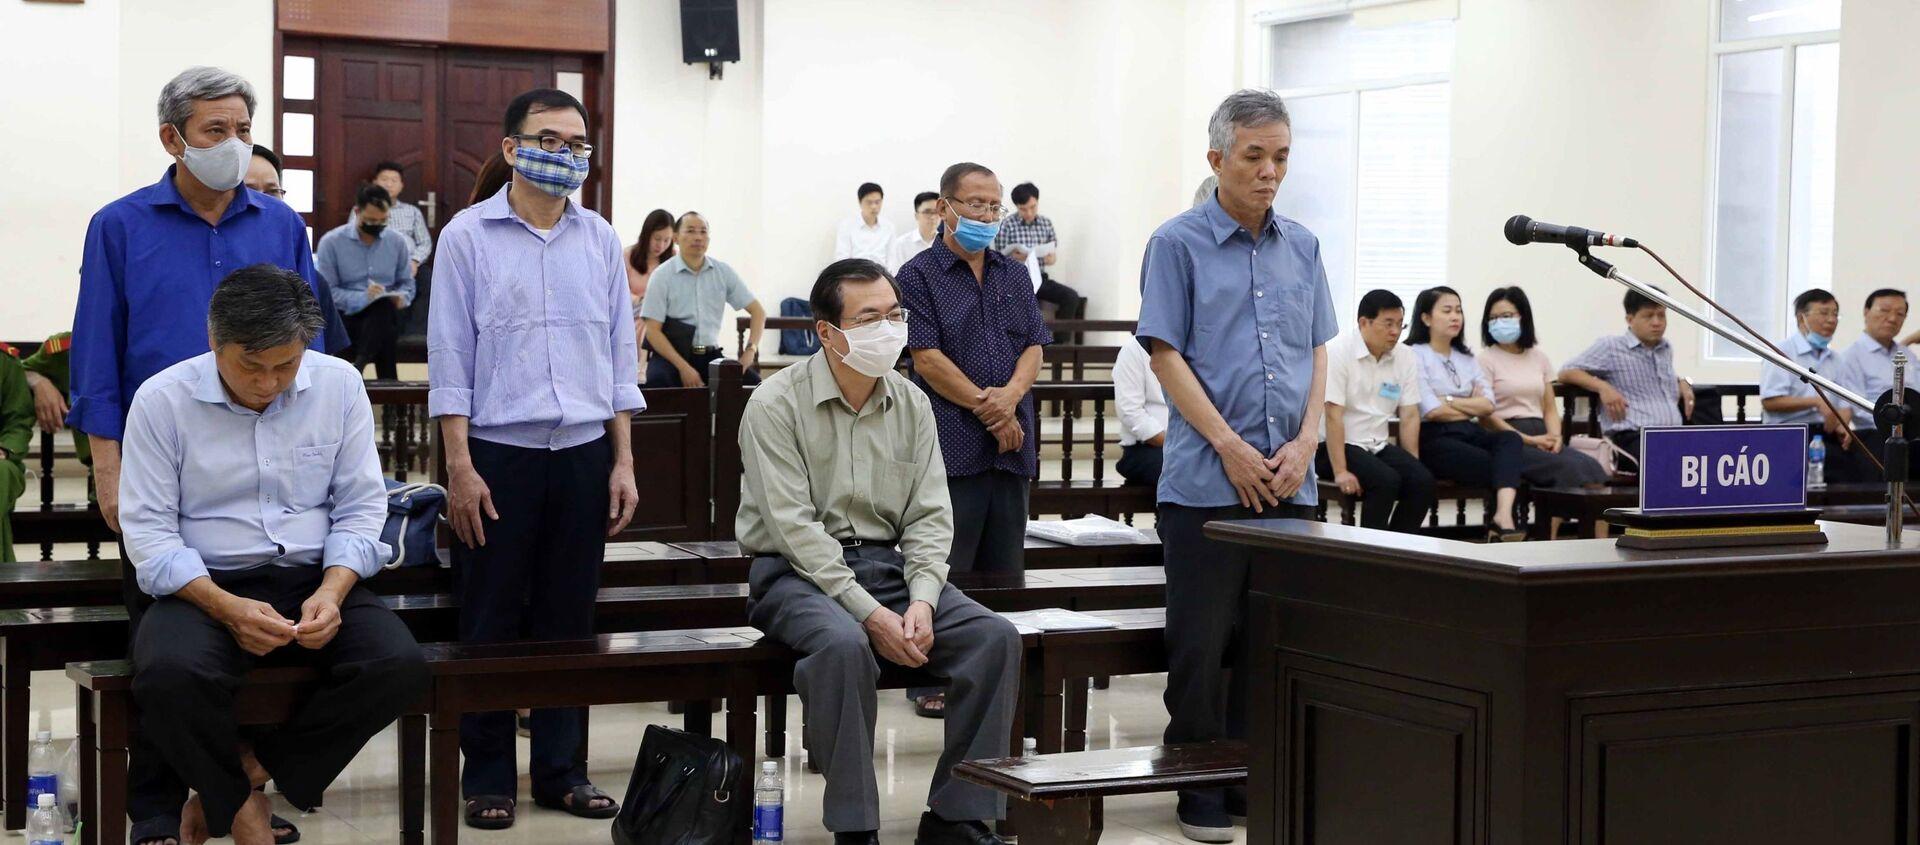 Các bị cáo nghe đại diện Viện Kiểm sát trình bày bản luận tội và đề nghị mức án. - Sputnik Việt Nam, 1920, 26.04.2021